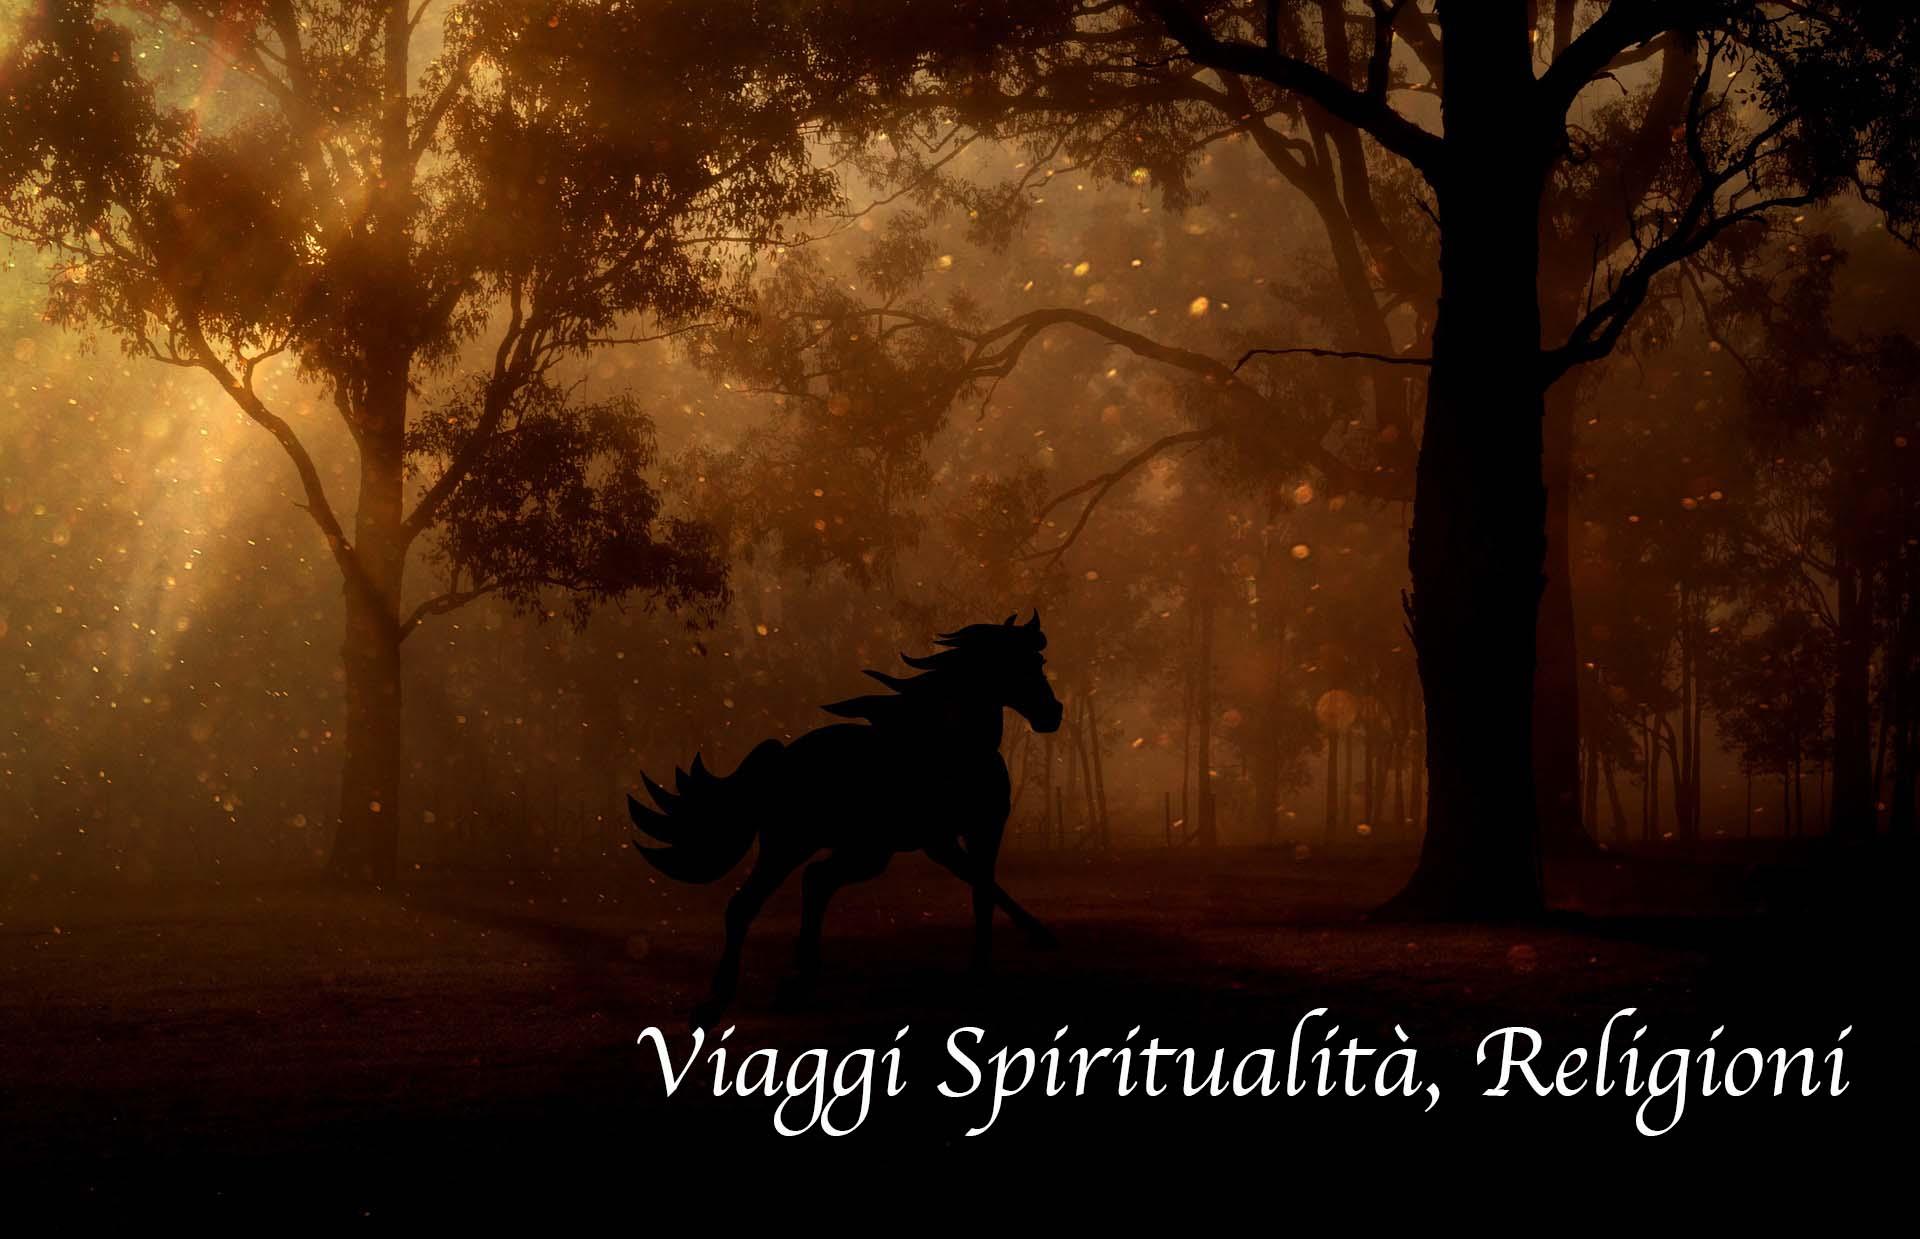 Viaggi spiritualità e Religioni